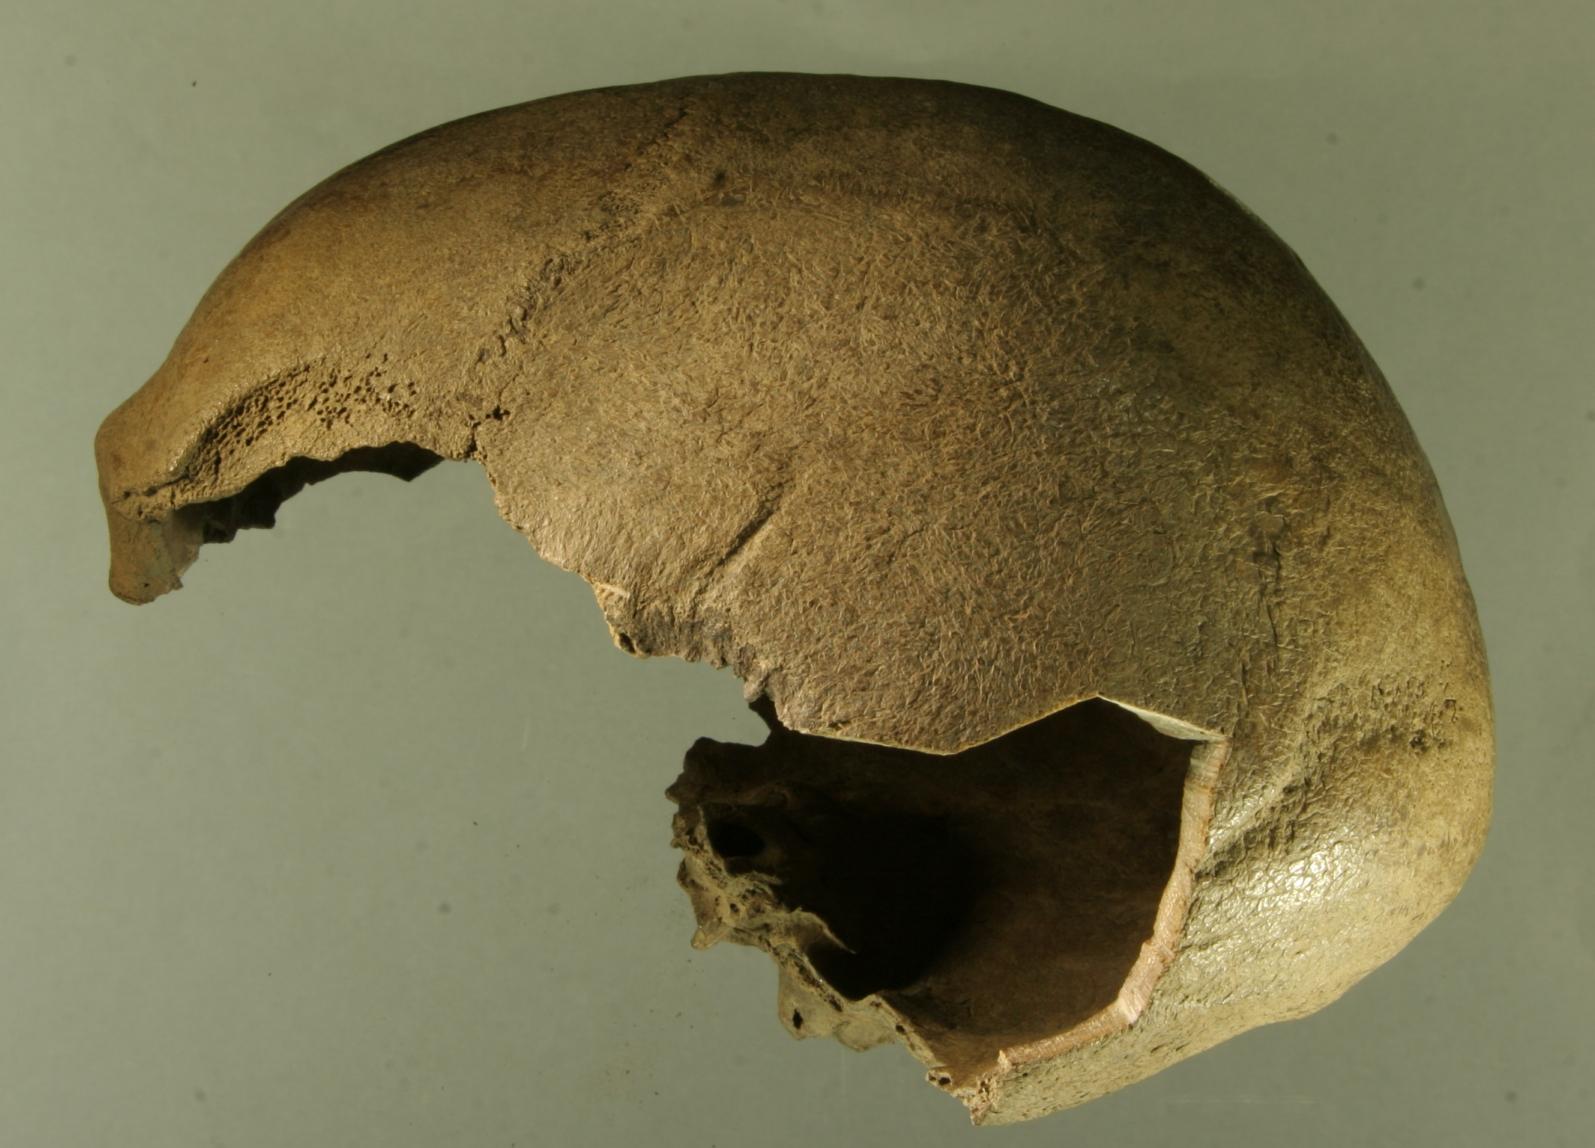 фФрагмент черепа человека, найденного на обнажении Дуванный Яр в низовьях Колымы.